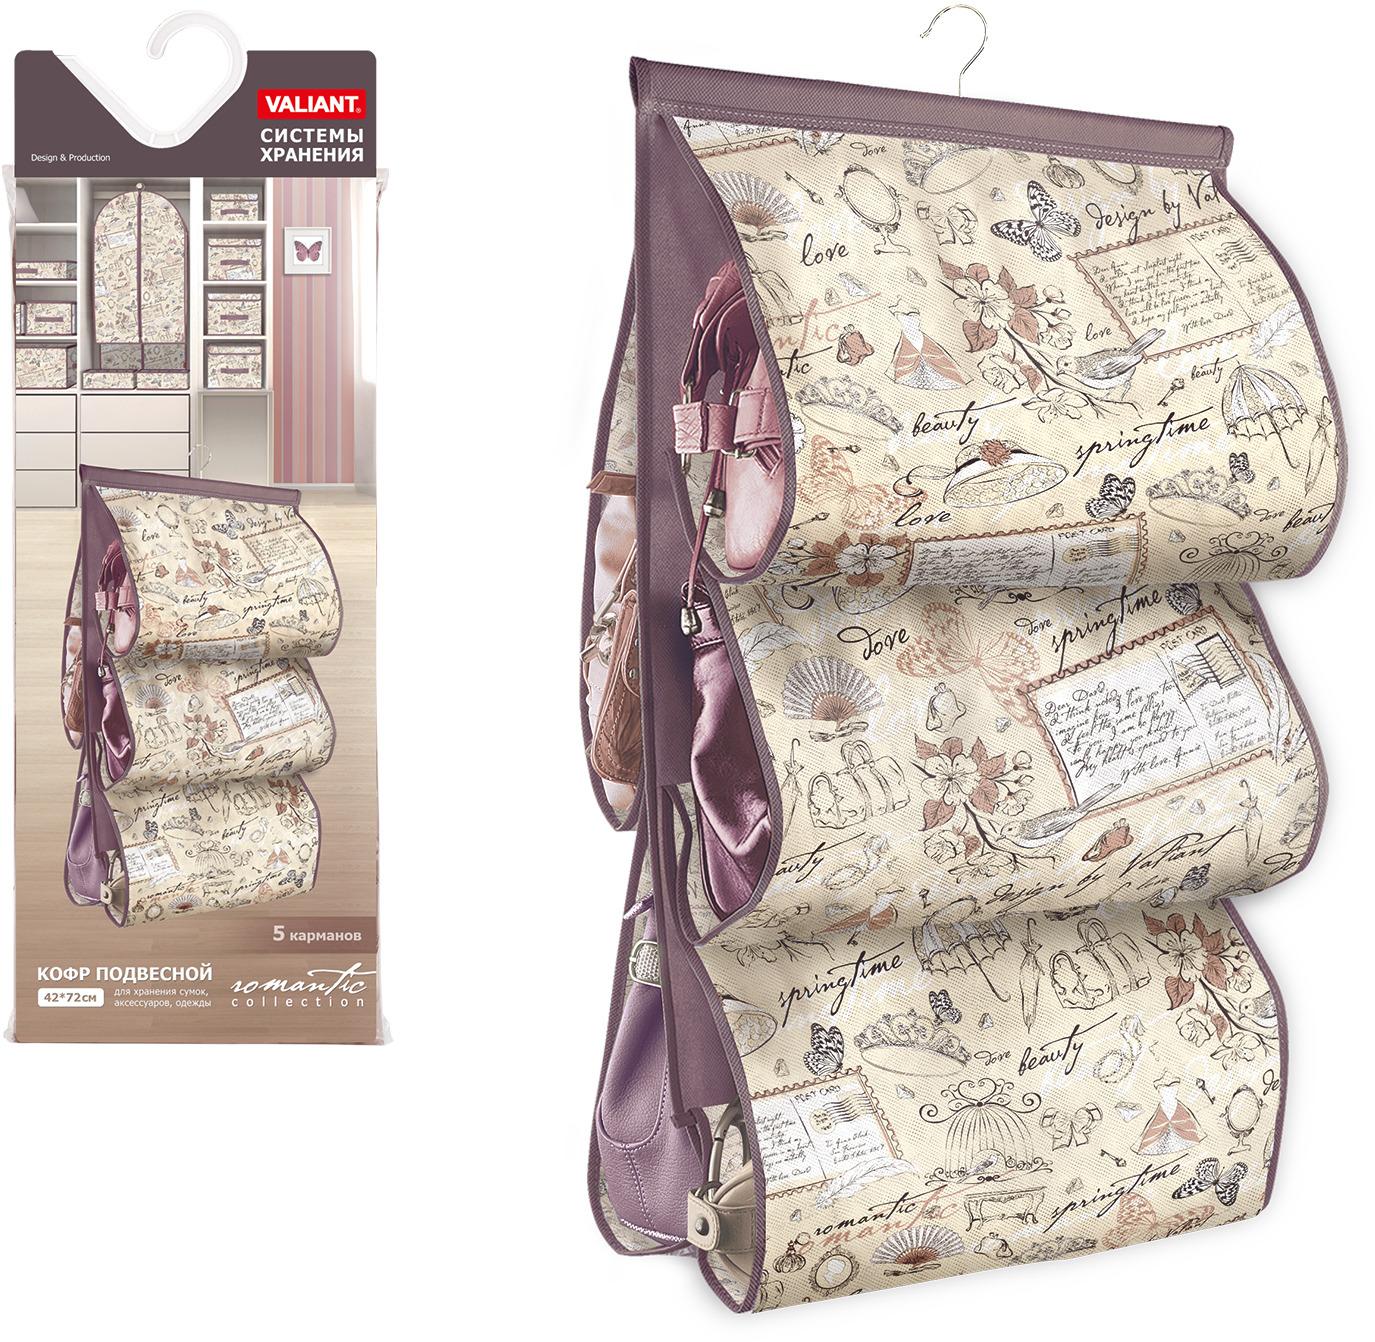 Органайзер для мелочей и косметики Valiant Romantic, цвет: коричневый, 42 х 72 см. RM-P5 органайзер для хранения сумок eva черное золото подвесной 36 x 80 см